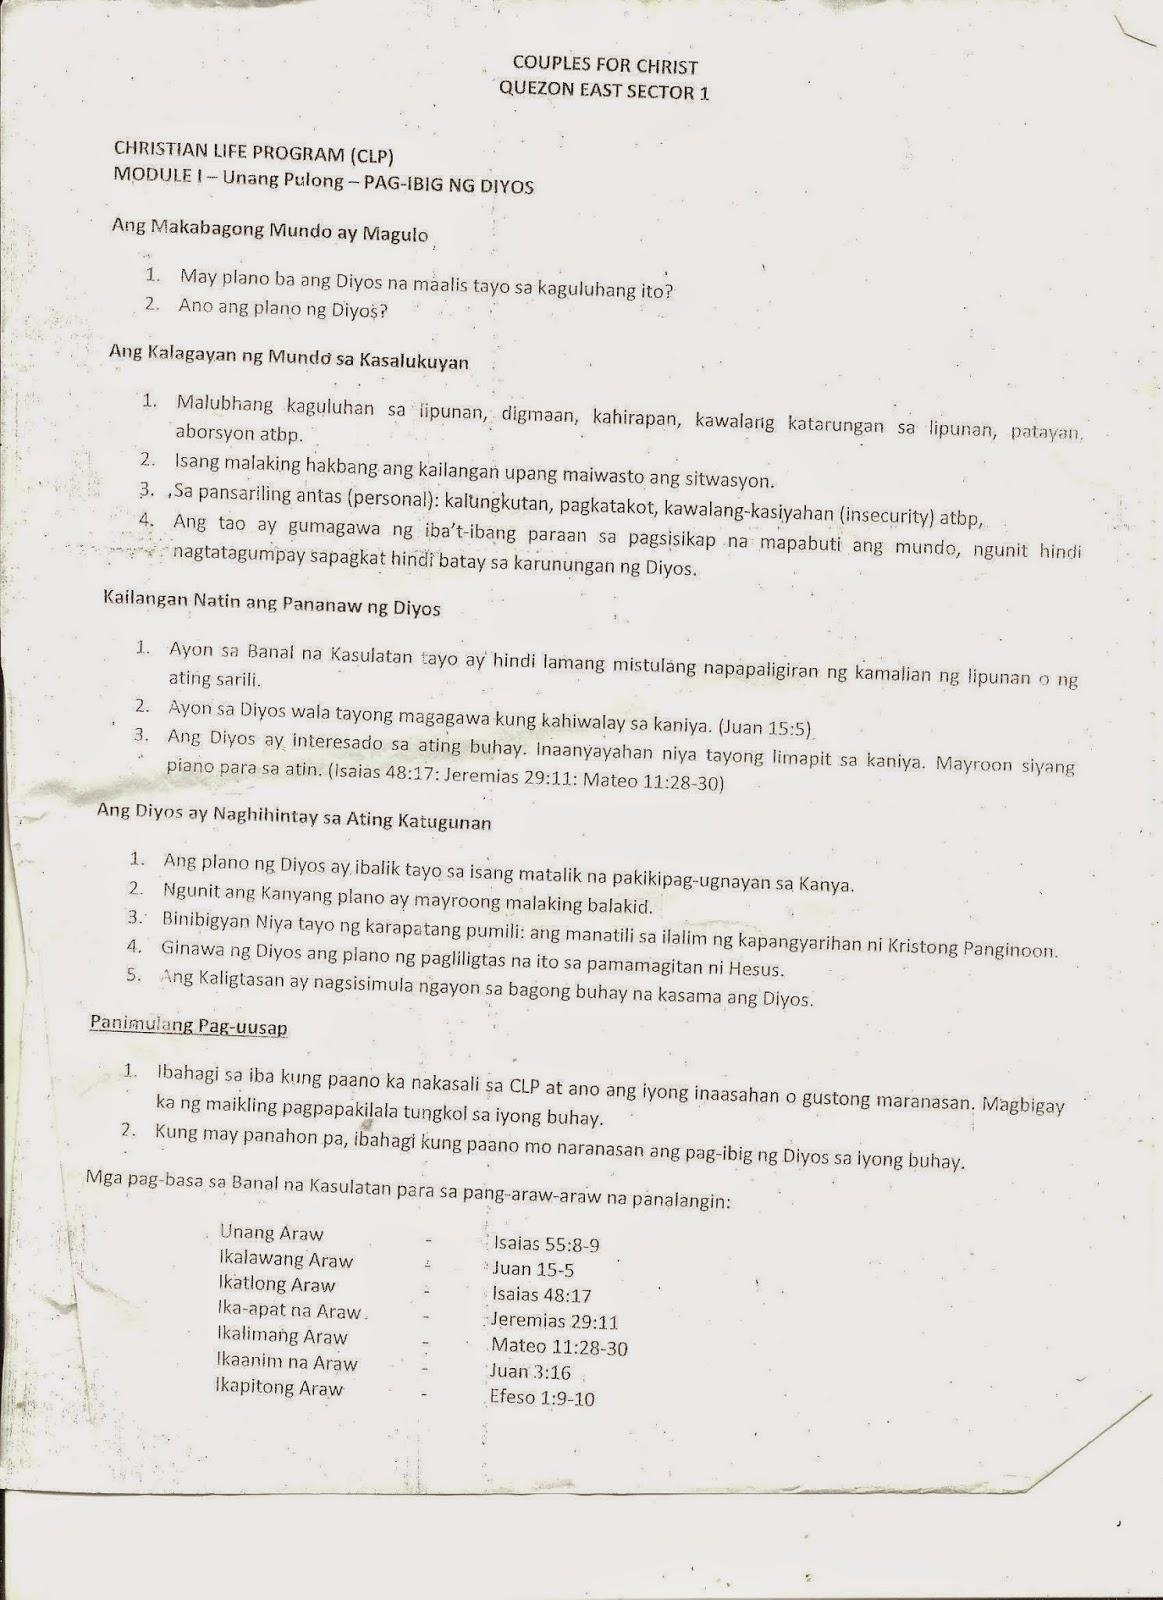 COUPLES FOR CHRIST Infanta, Quezon: CLP Participants